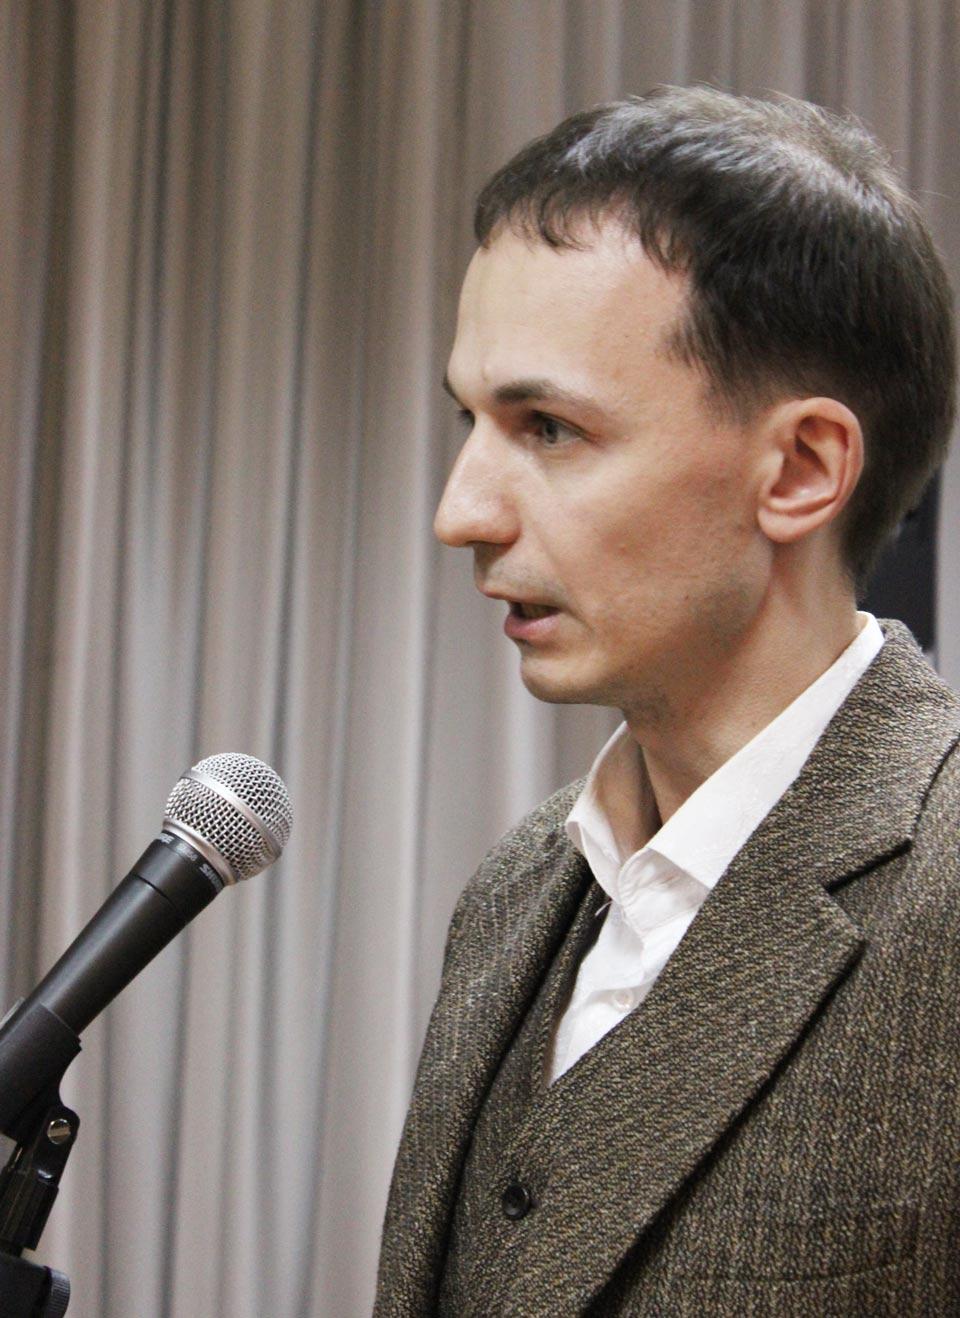 Олег Устинов, председатель Общественной палаты Сергиево-Посадского района.